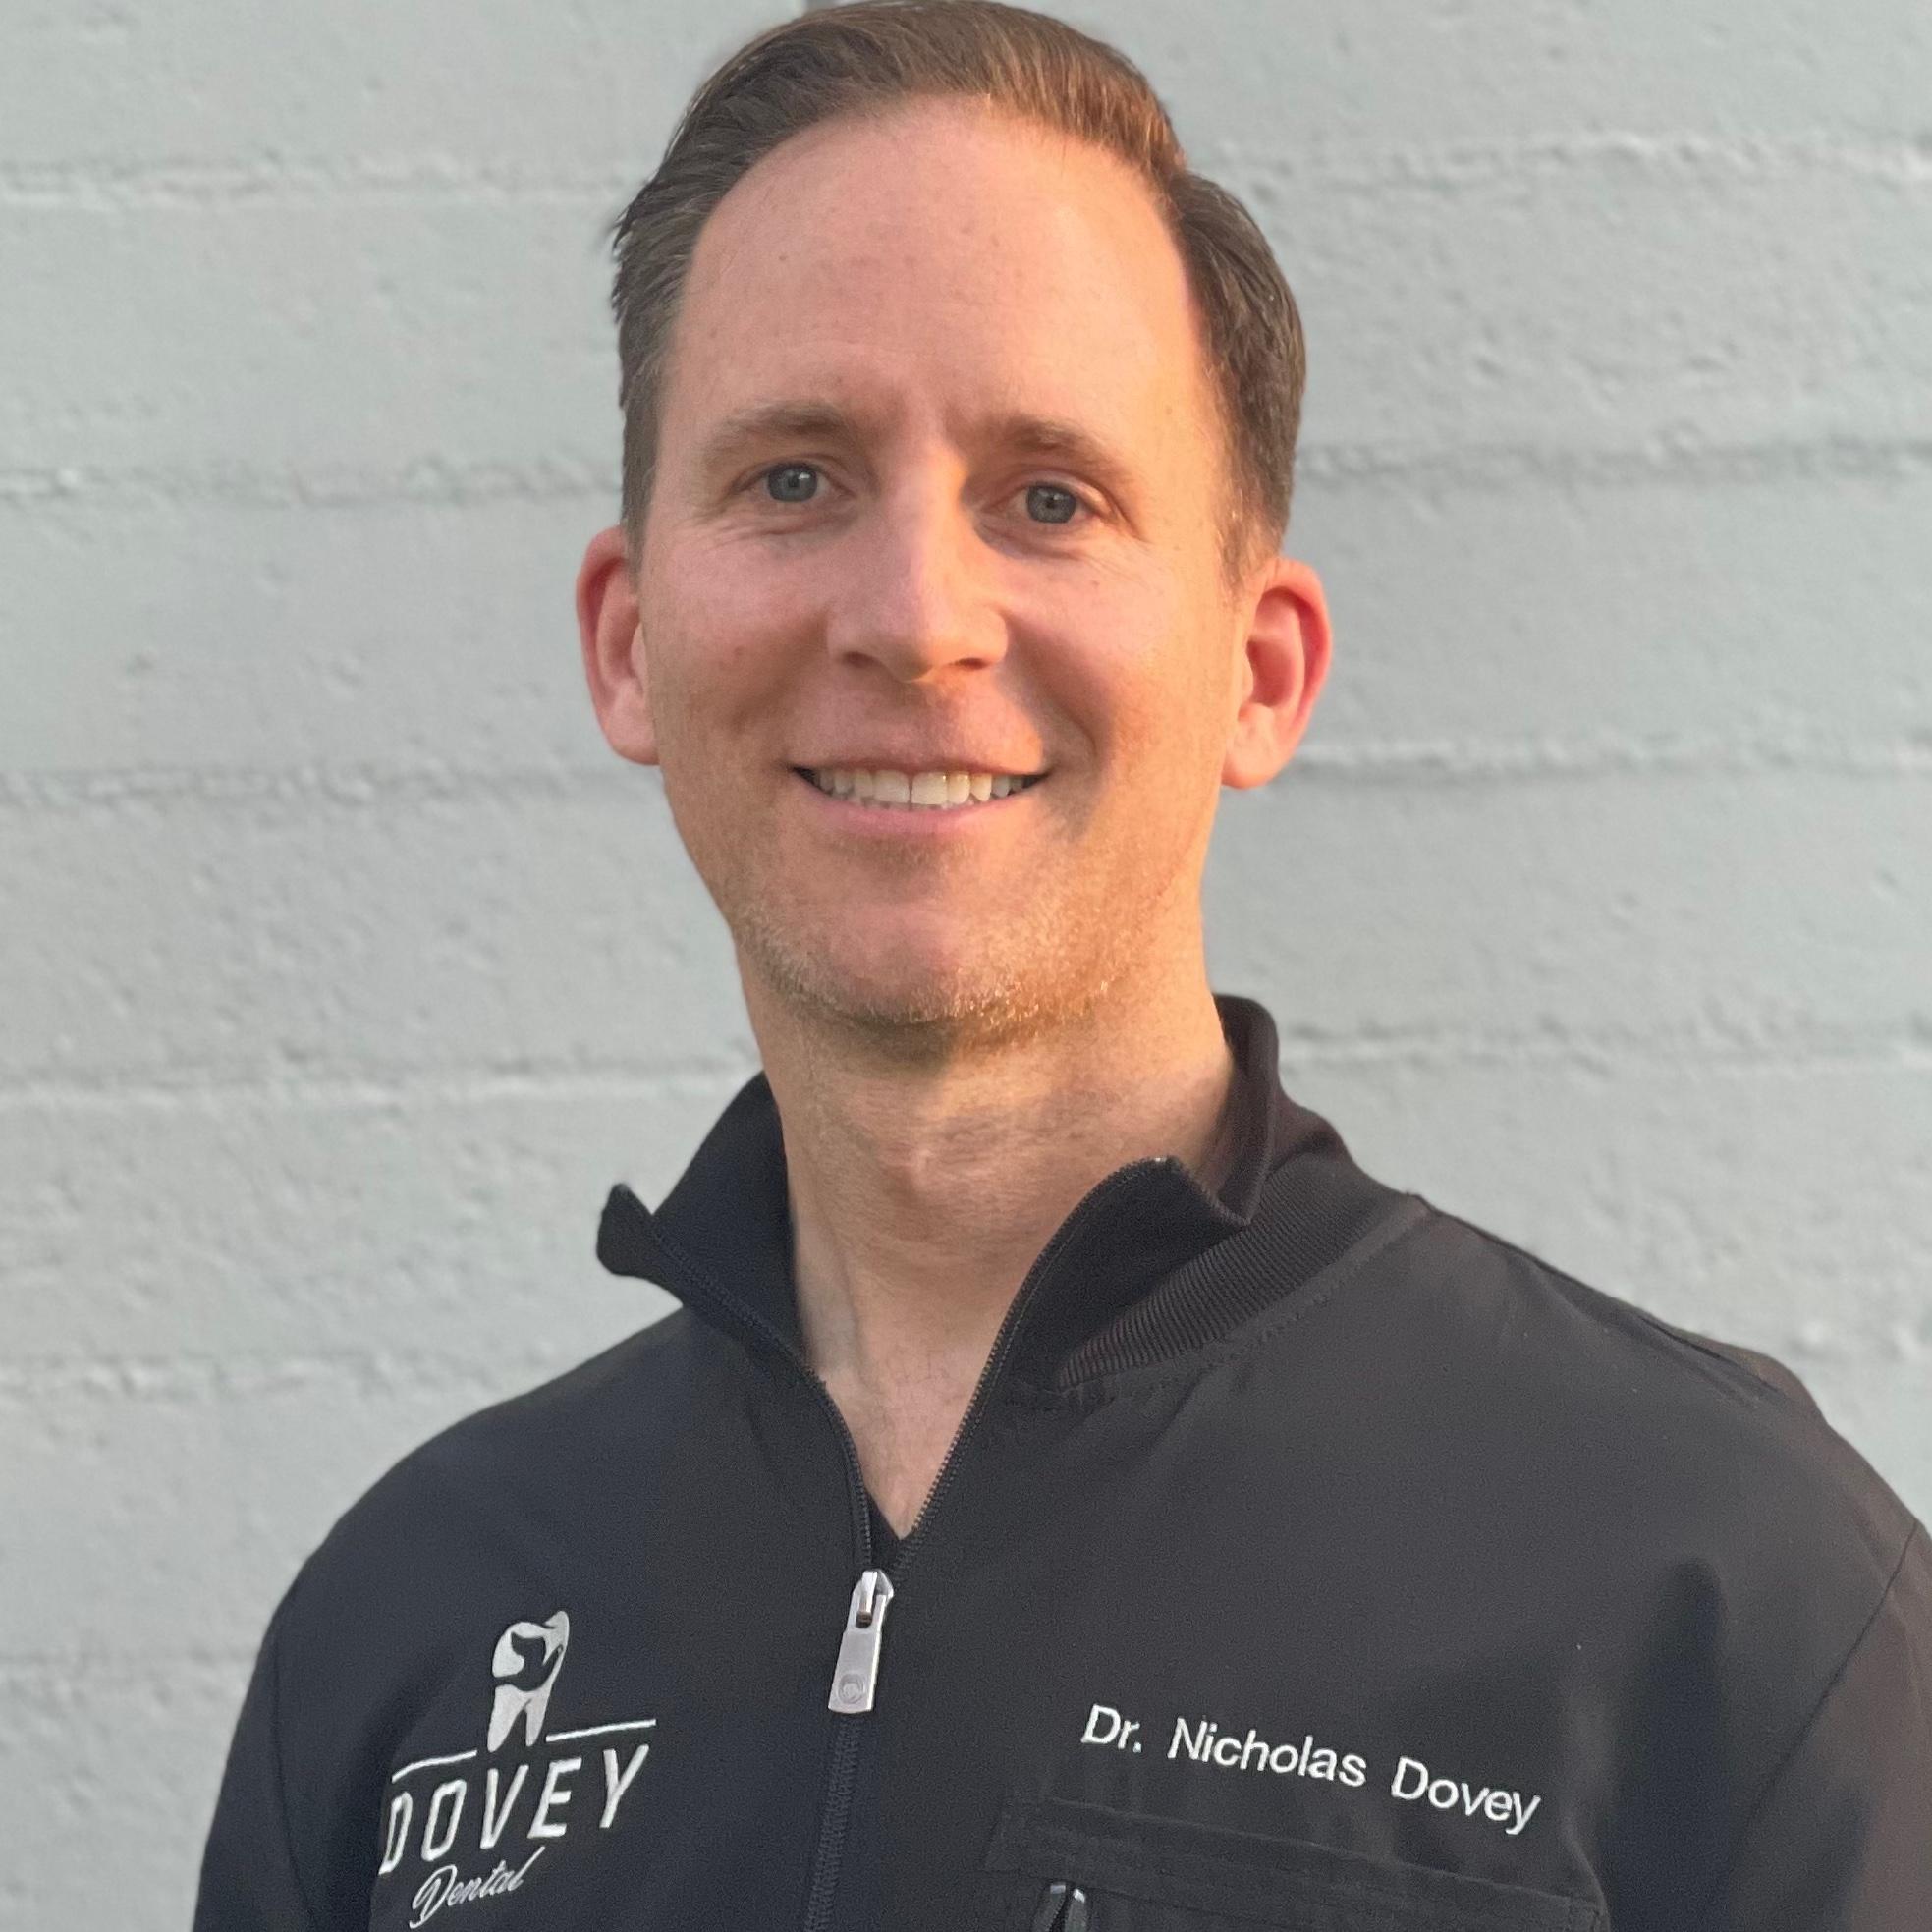 Dr. Nicholas Dovey